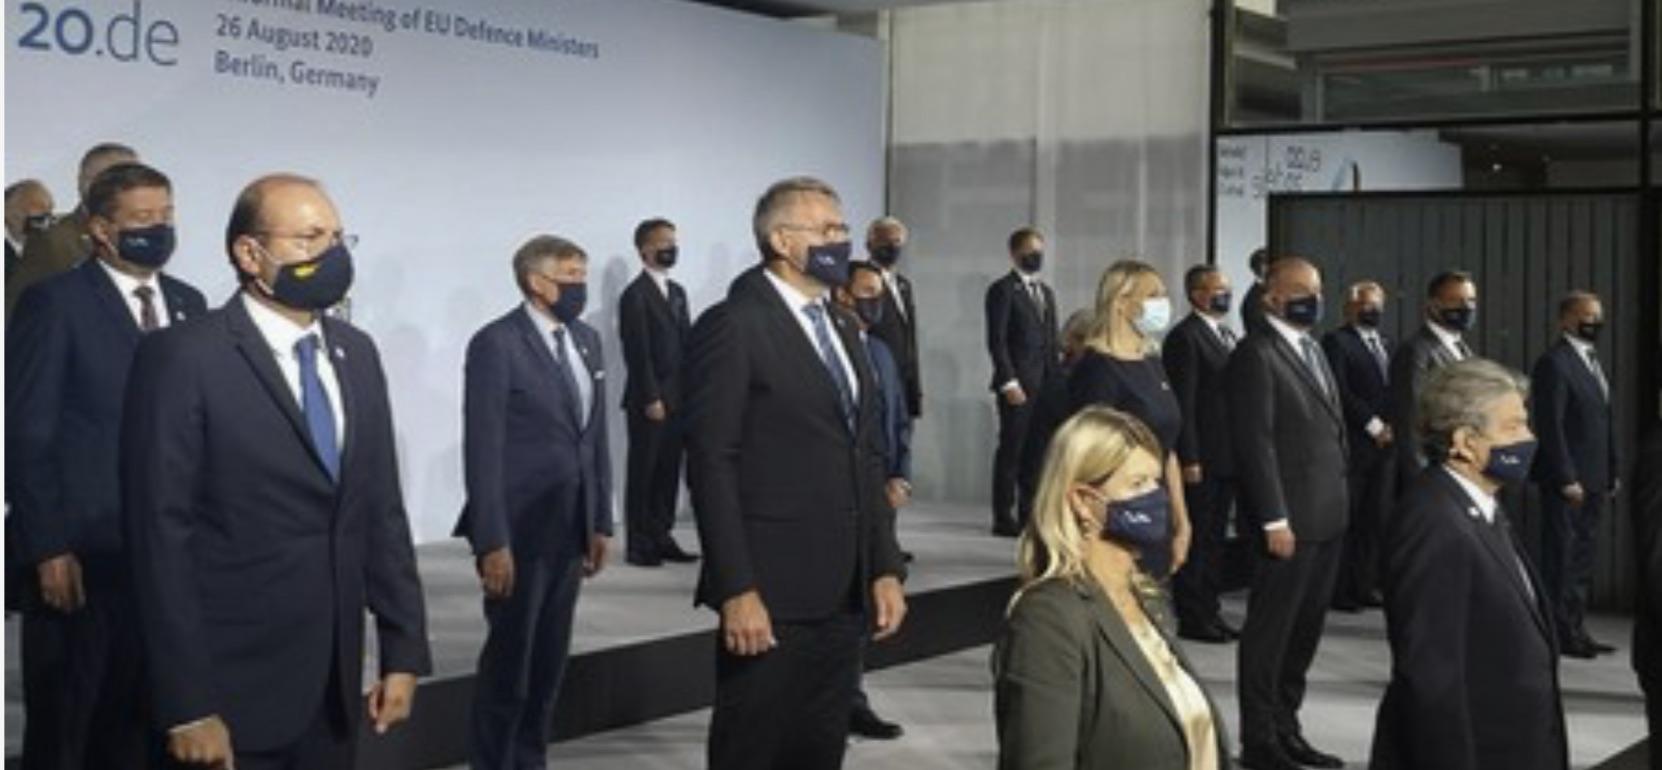 Κύπρος: Επαφές Πετρίδη με Karrenbauer και Guerini στο Βερολίνο